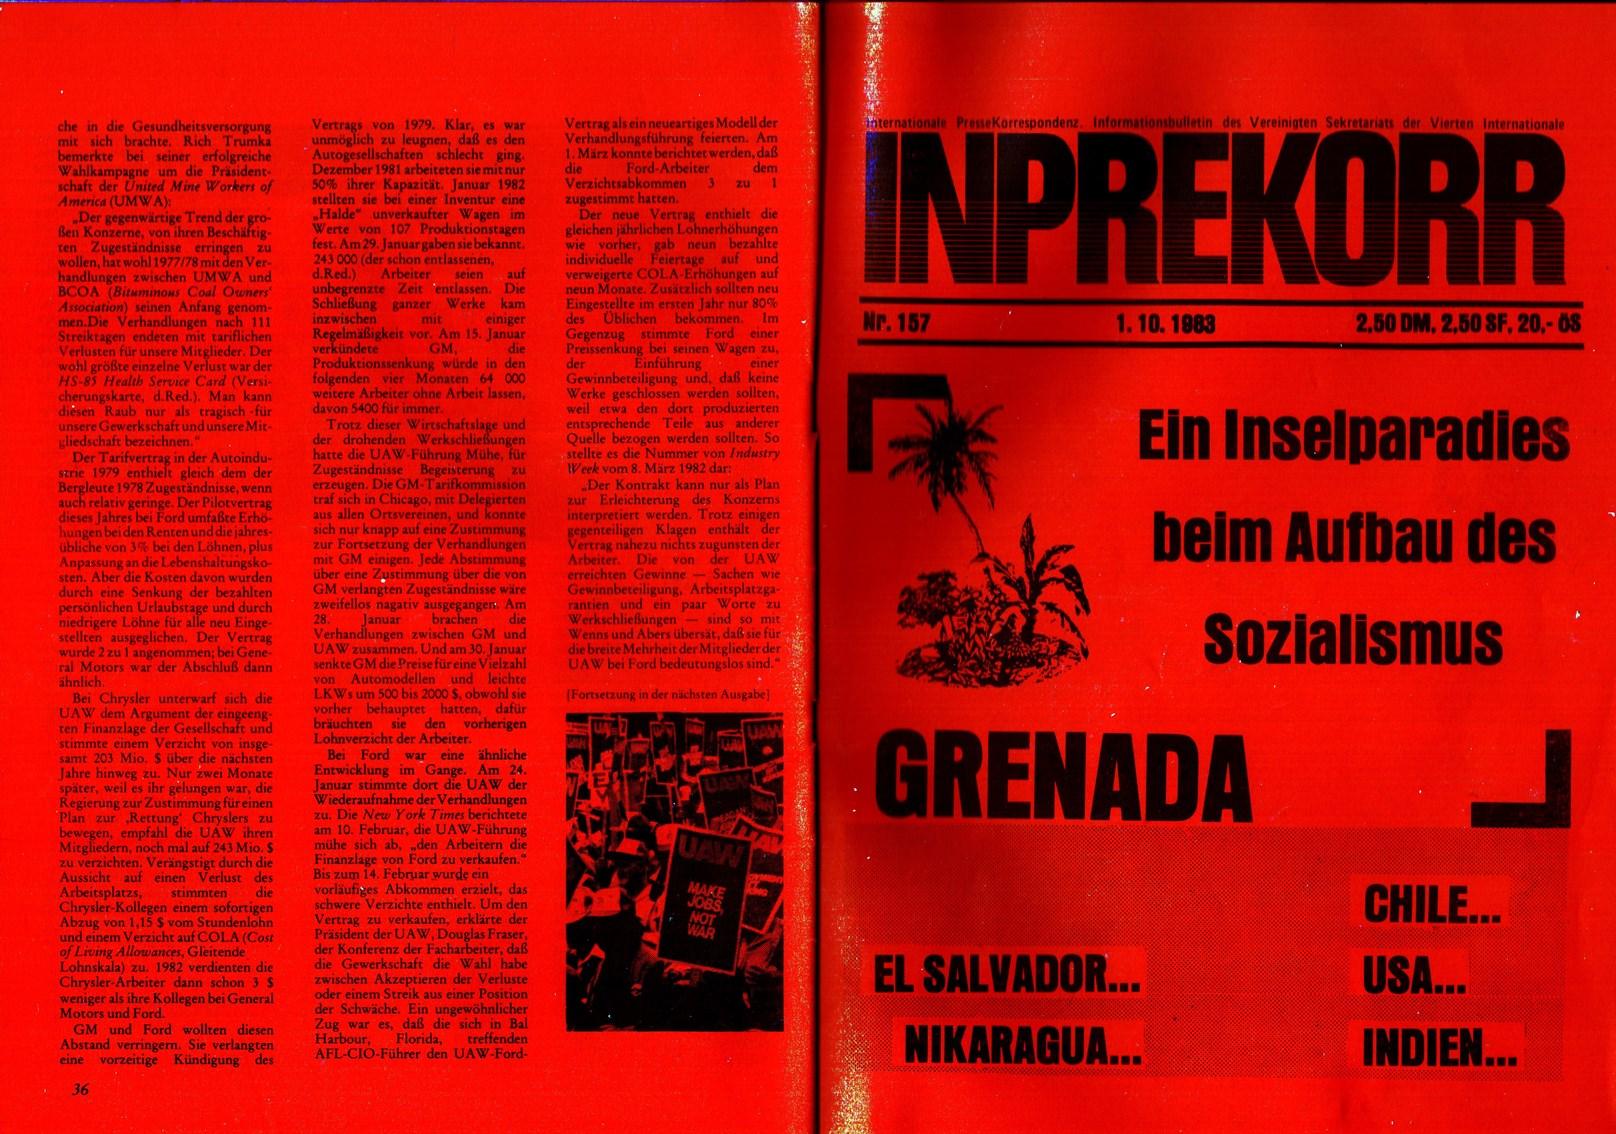 Inprekorr_19831001_157_001